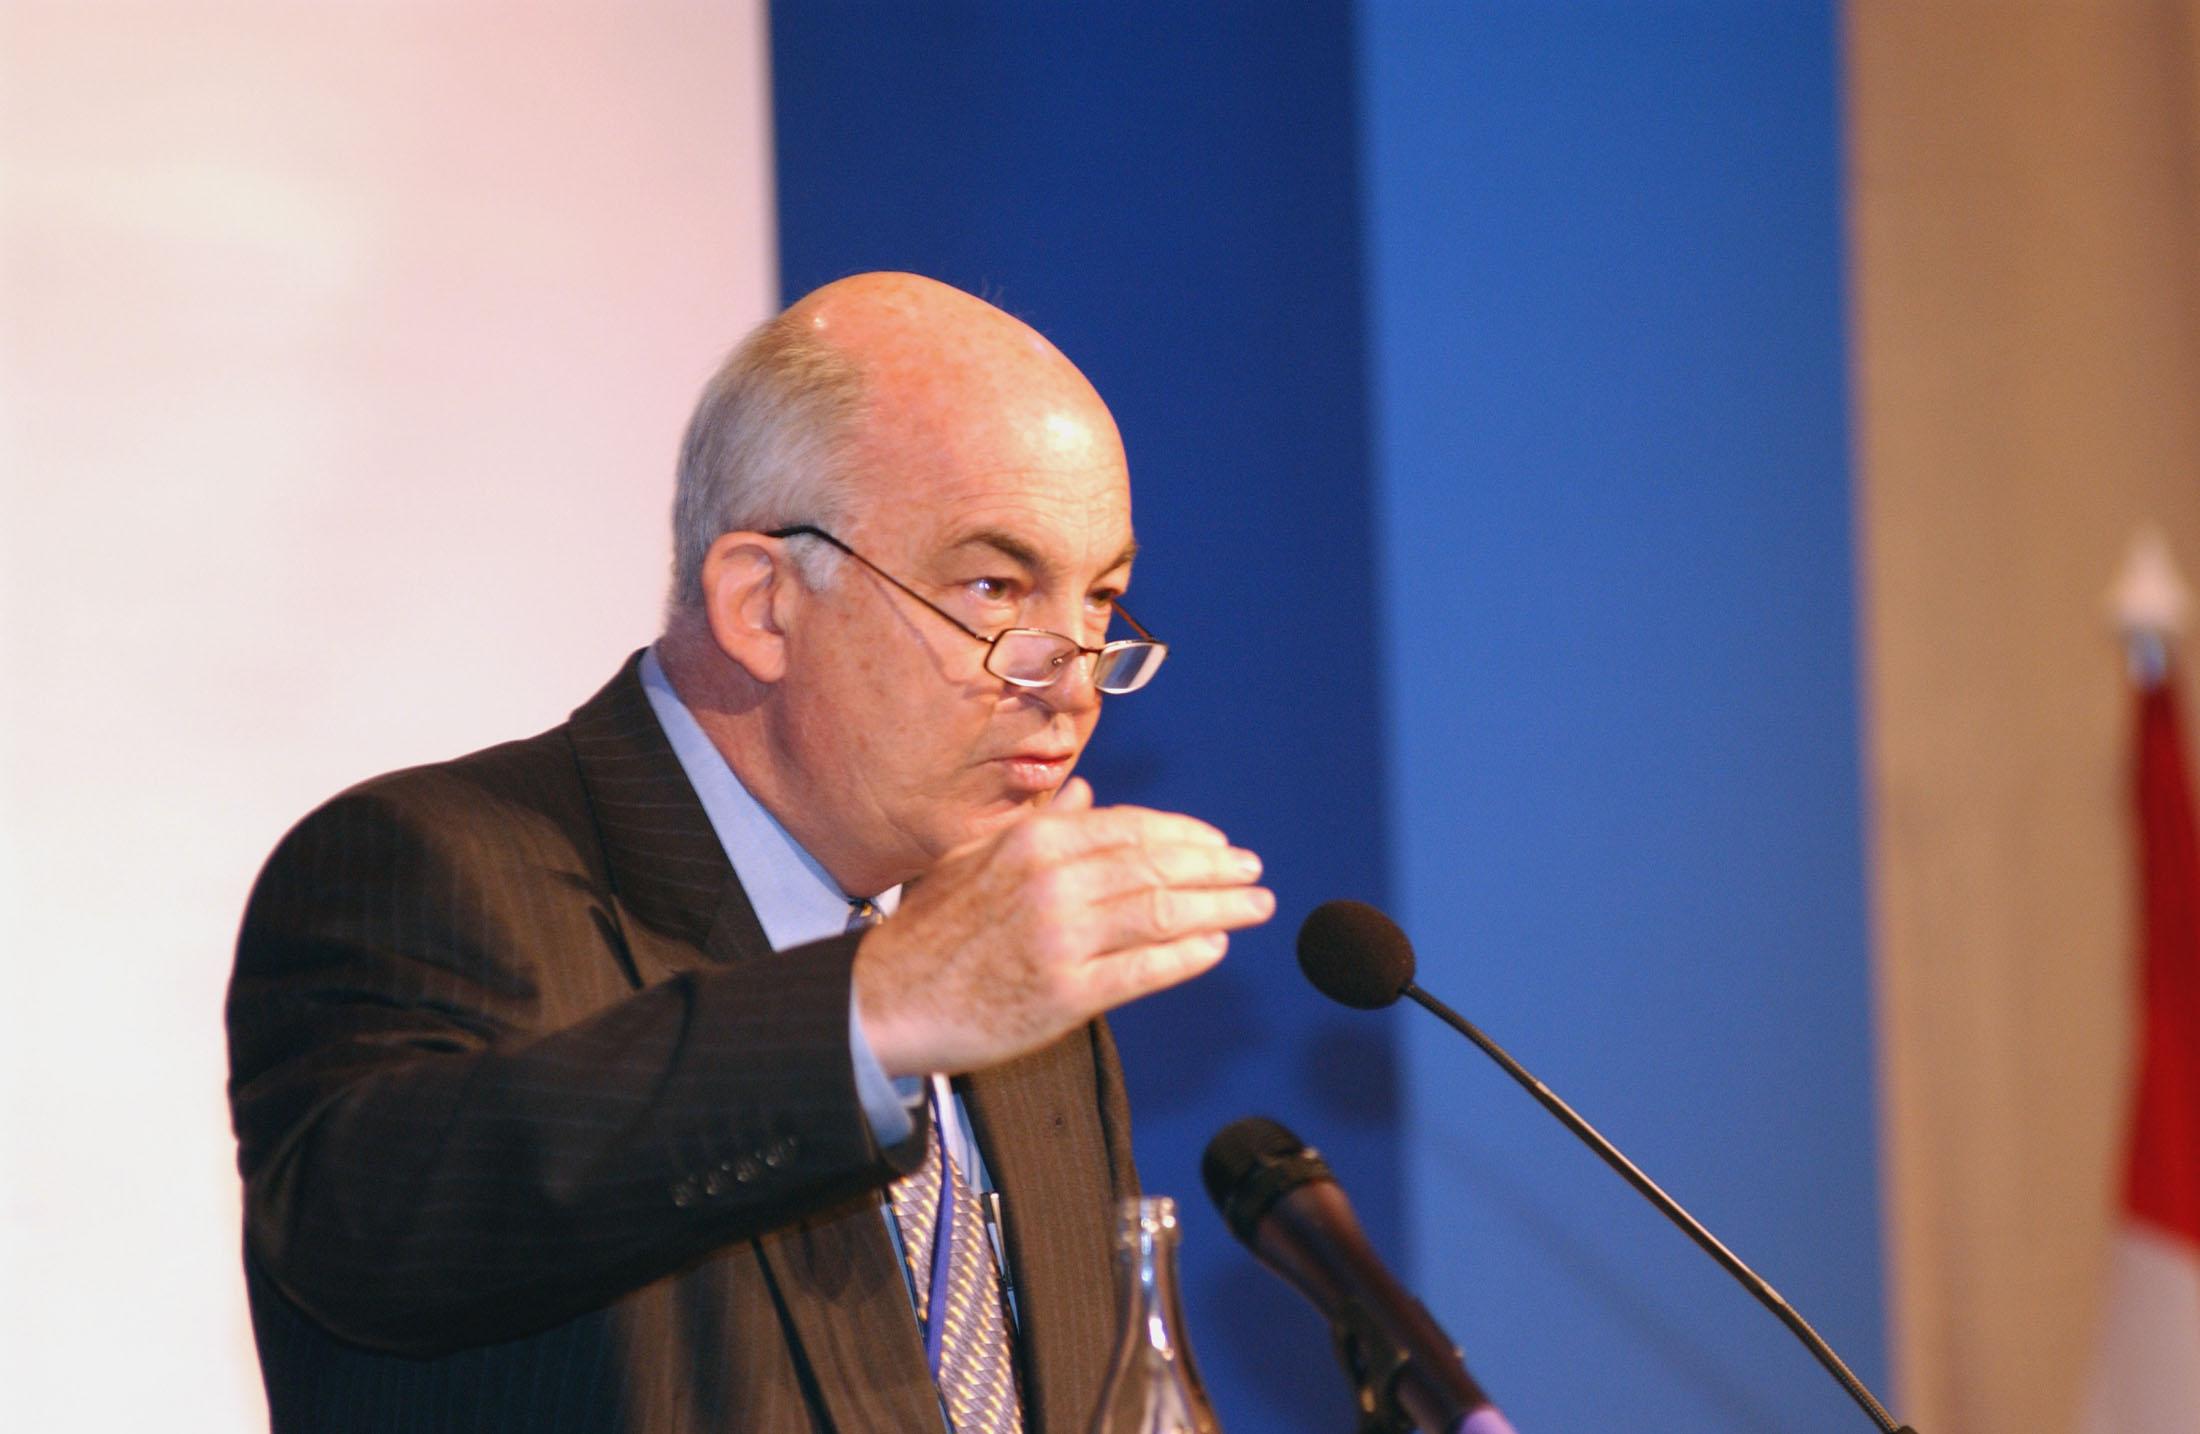 كمال درويش، الوزير السابق للشؤون الاقتصادية في تركيا والمدير السابق لبرنامج الأمم المتحدة الإنمائي (UNDP)، هو نائب رئيس معهد بروكينجز